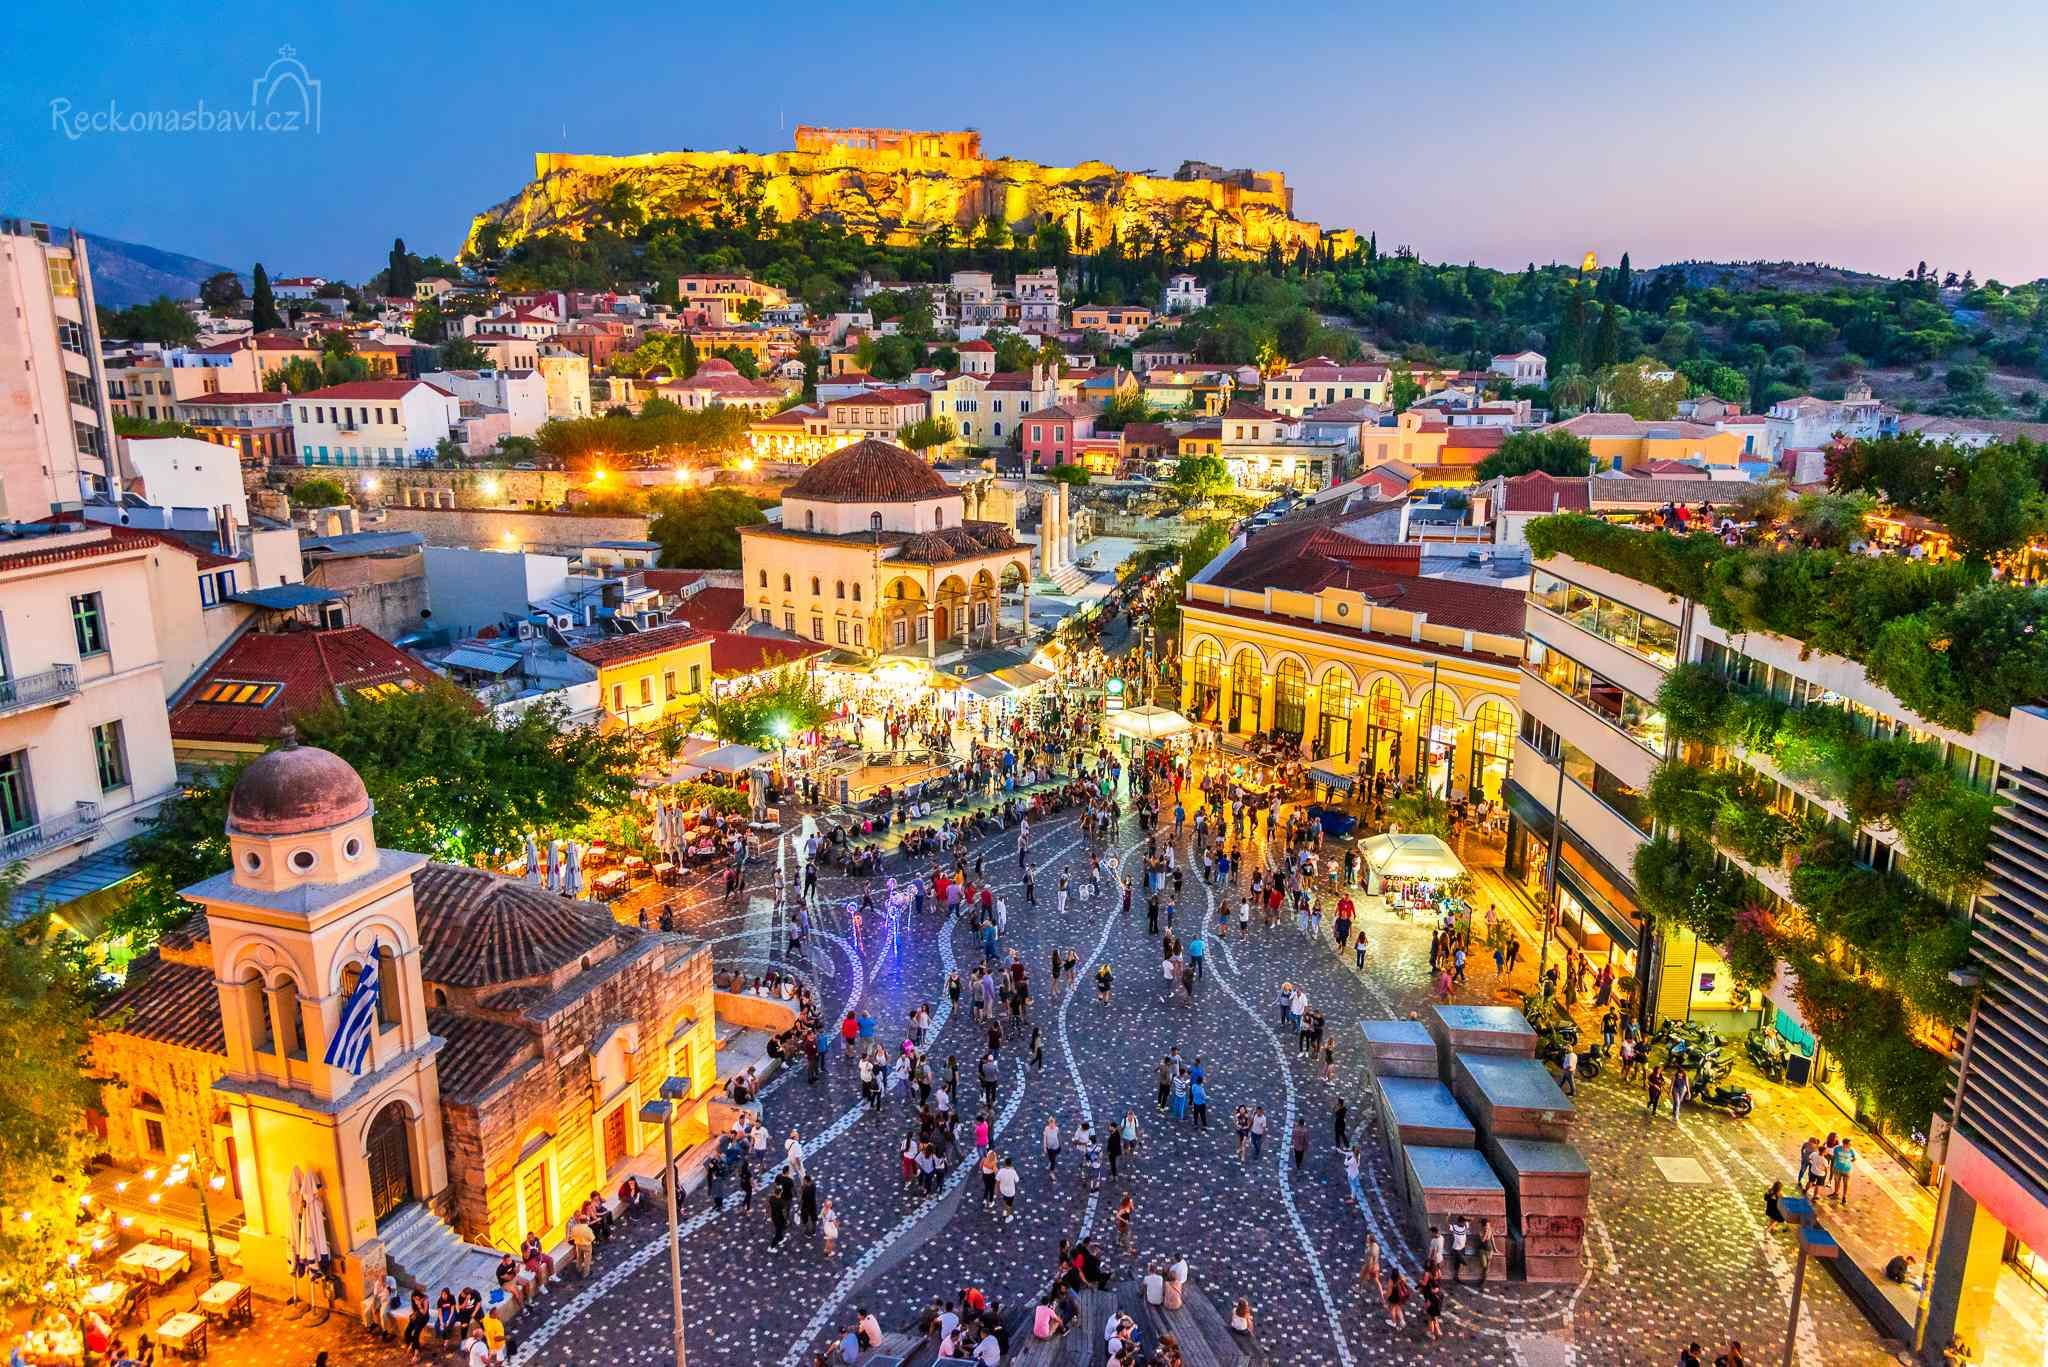 Jestli řecké Athény mají srdce, pak tluče na náměstí Monastiraki (Μοναστηράκι).